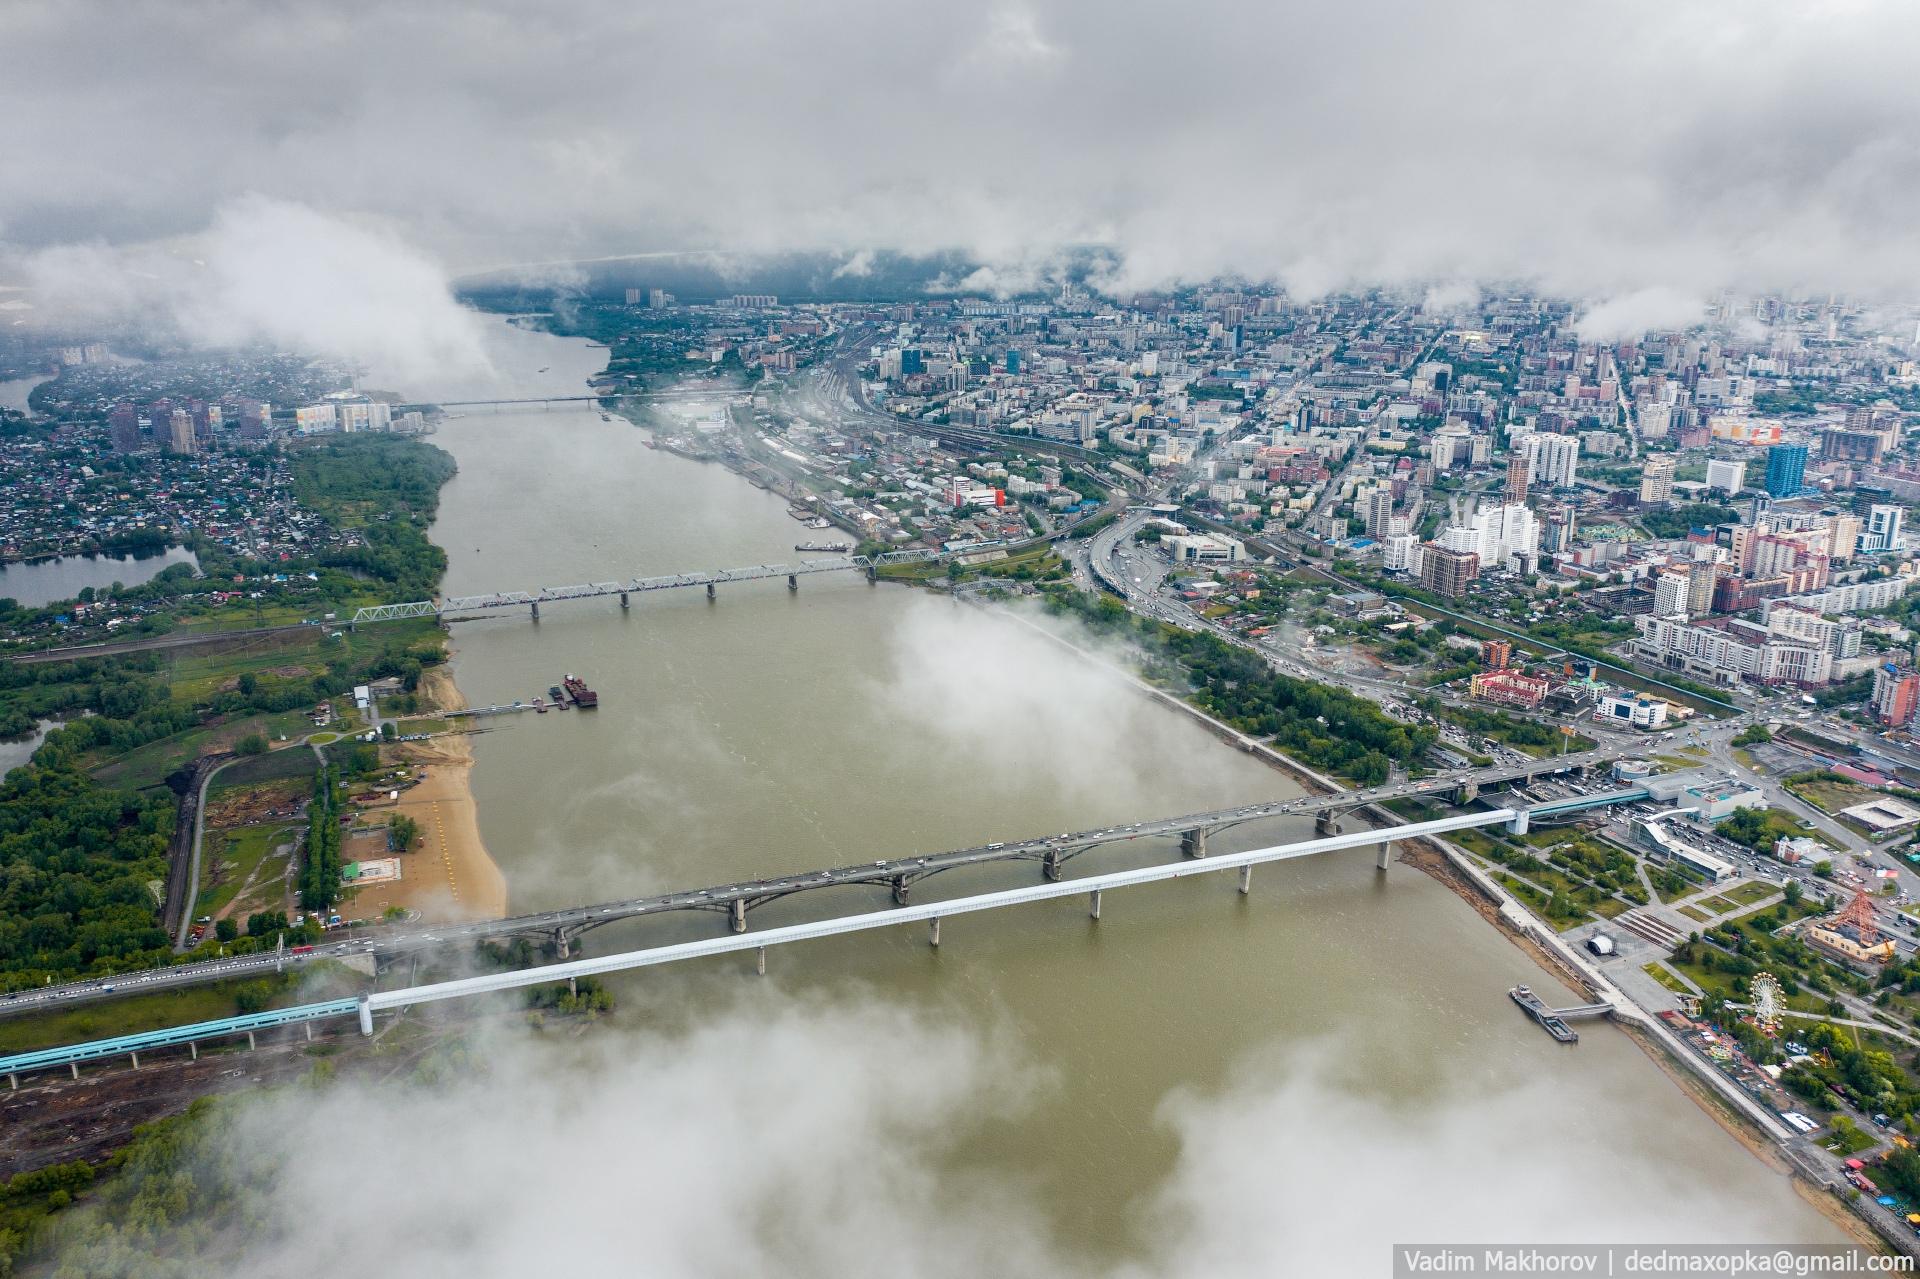 Вот так выглядит наш город после дождя